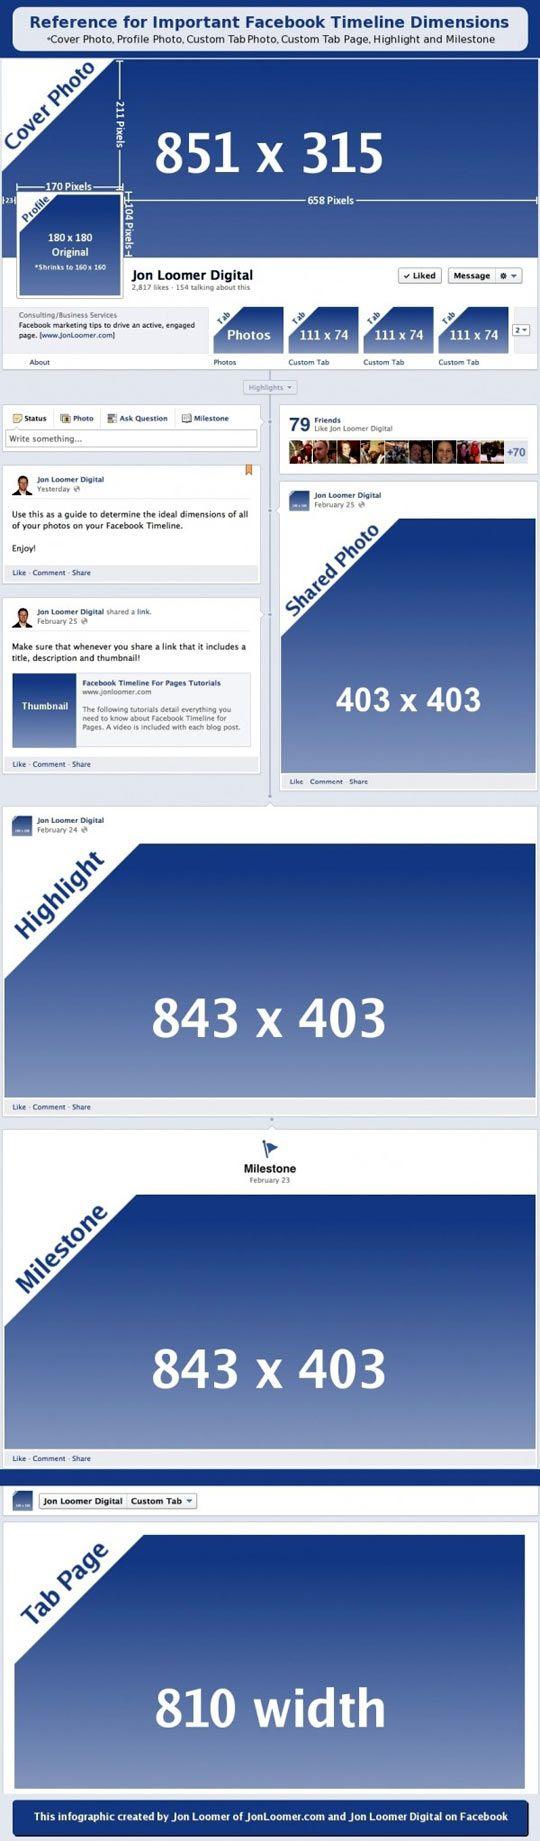 Facebook Timeline Survival Guide http://socialmediarevolver.com/facebook-timeline-survival-guide/